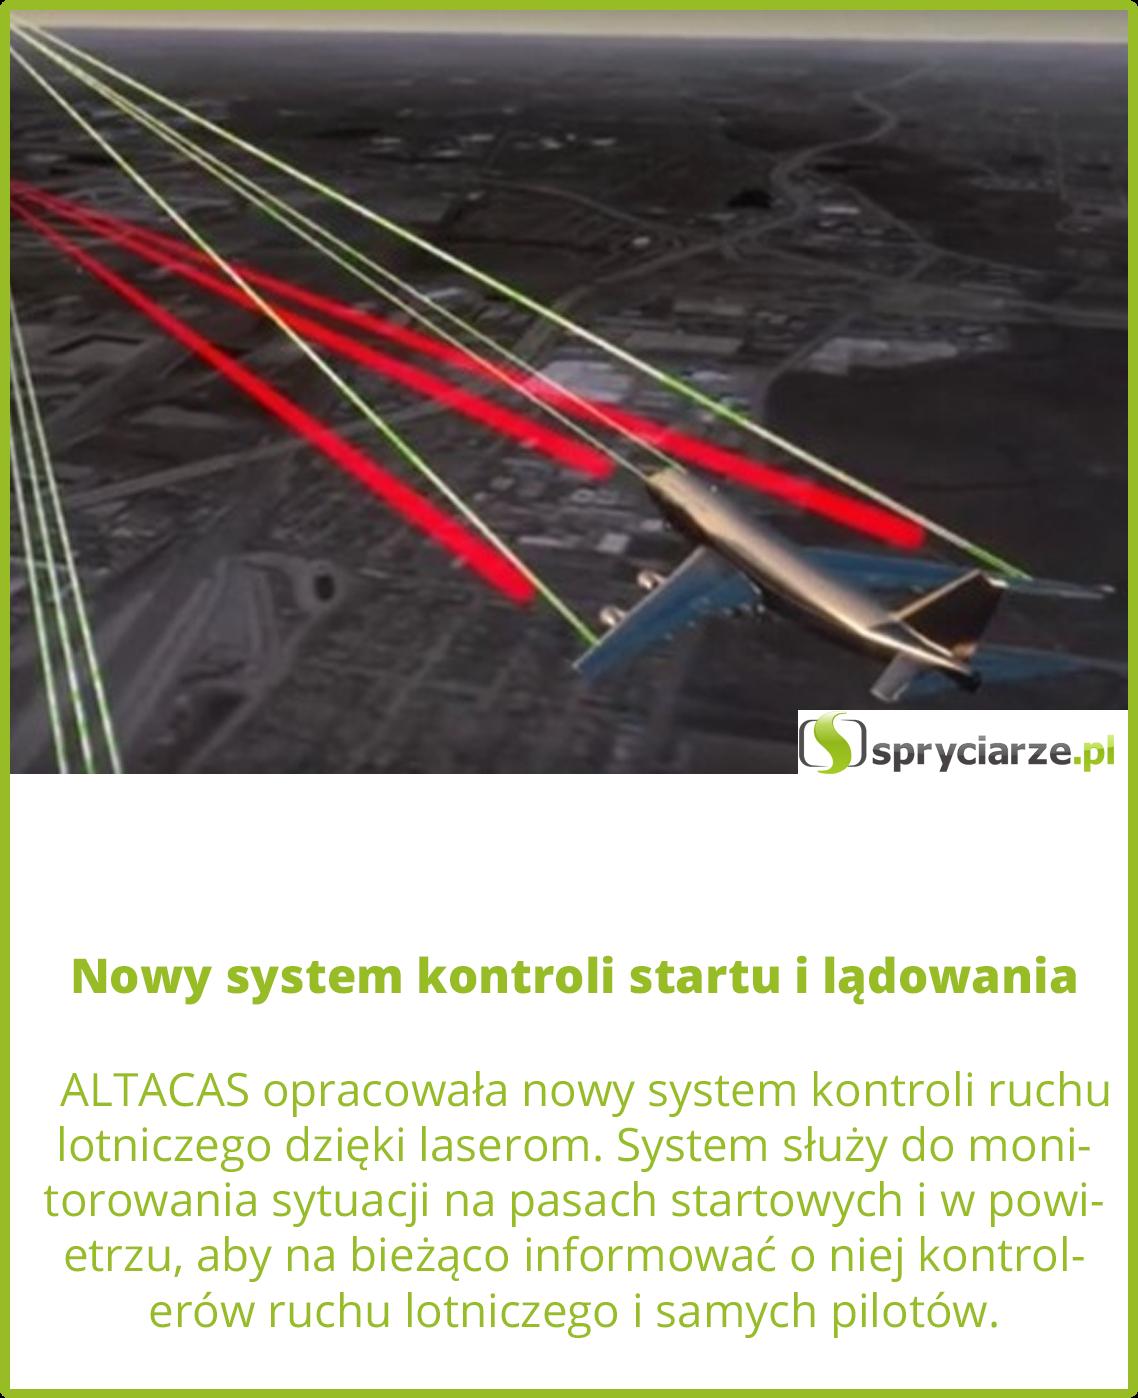 Nowy system kontroli startu i lądowania